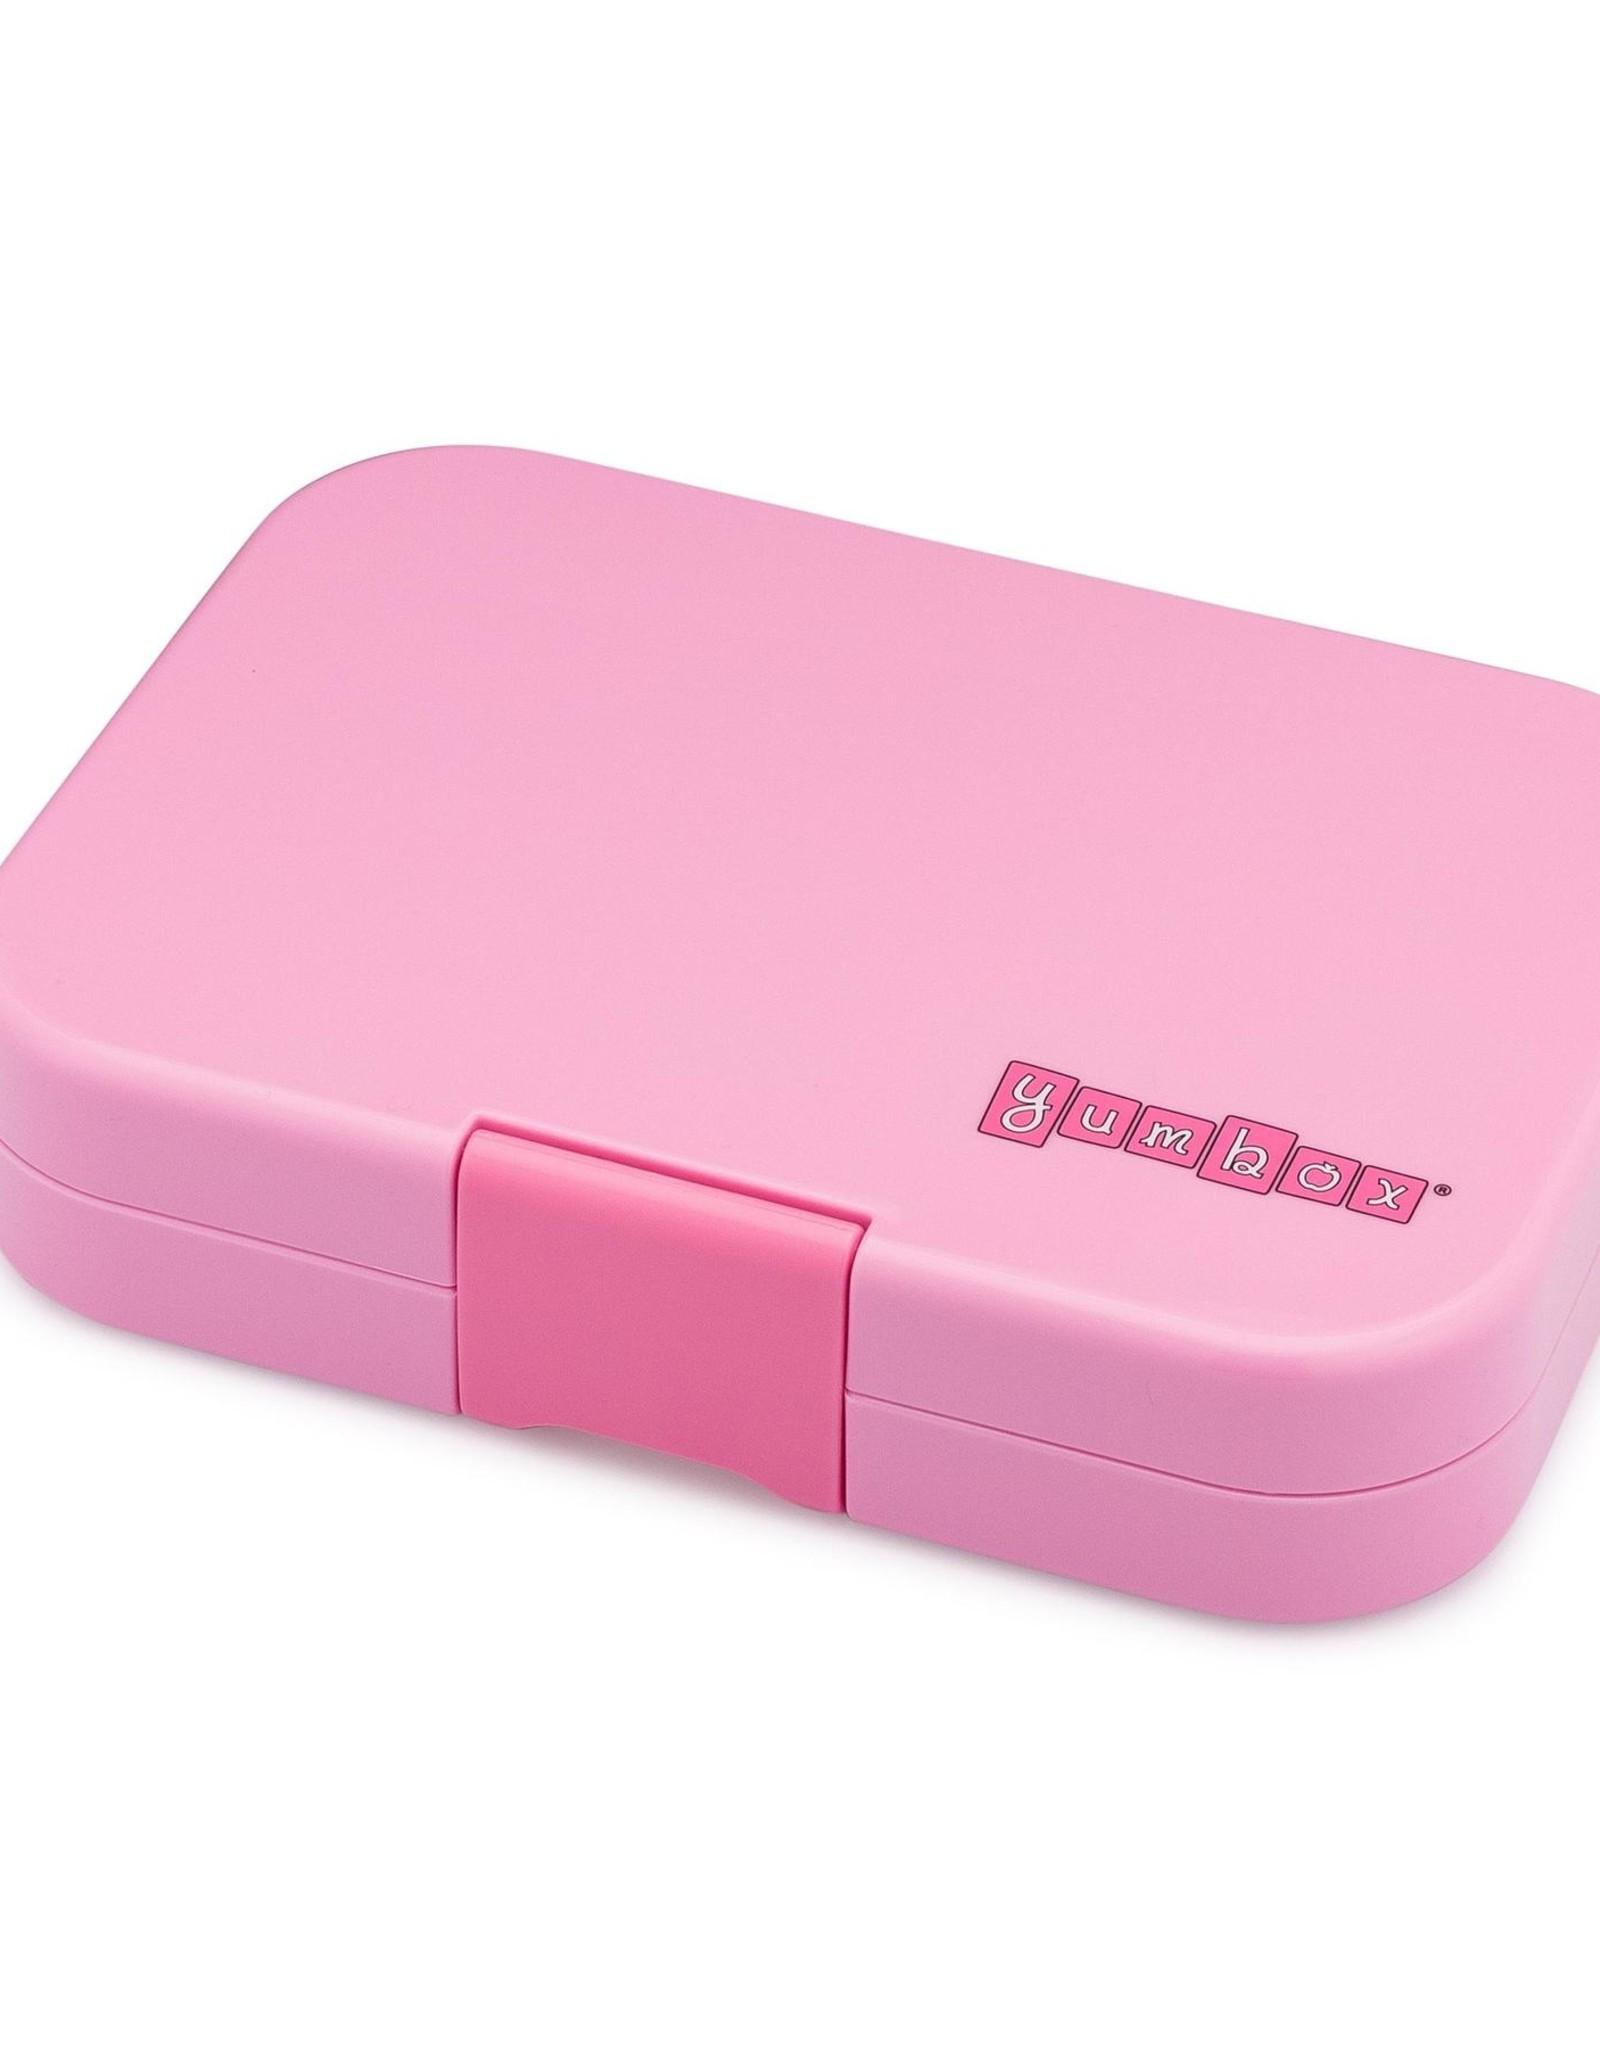 Yumbox FA20 Panino Stardust Pink